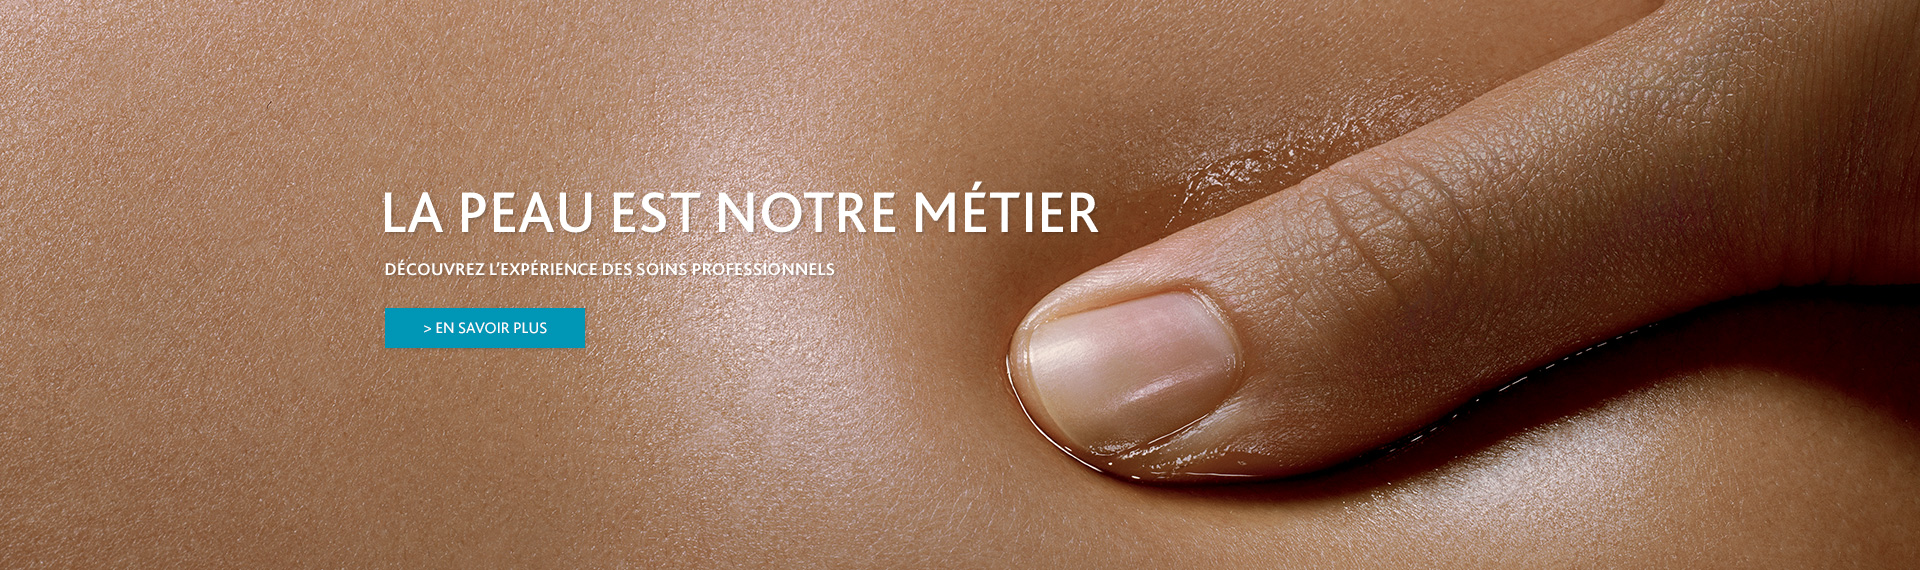 la peau est notre métier, institut esthederm